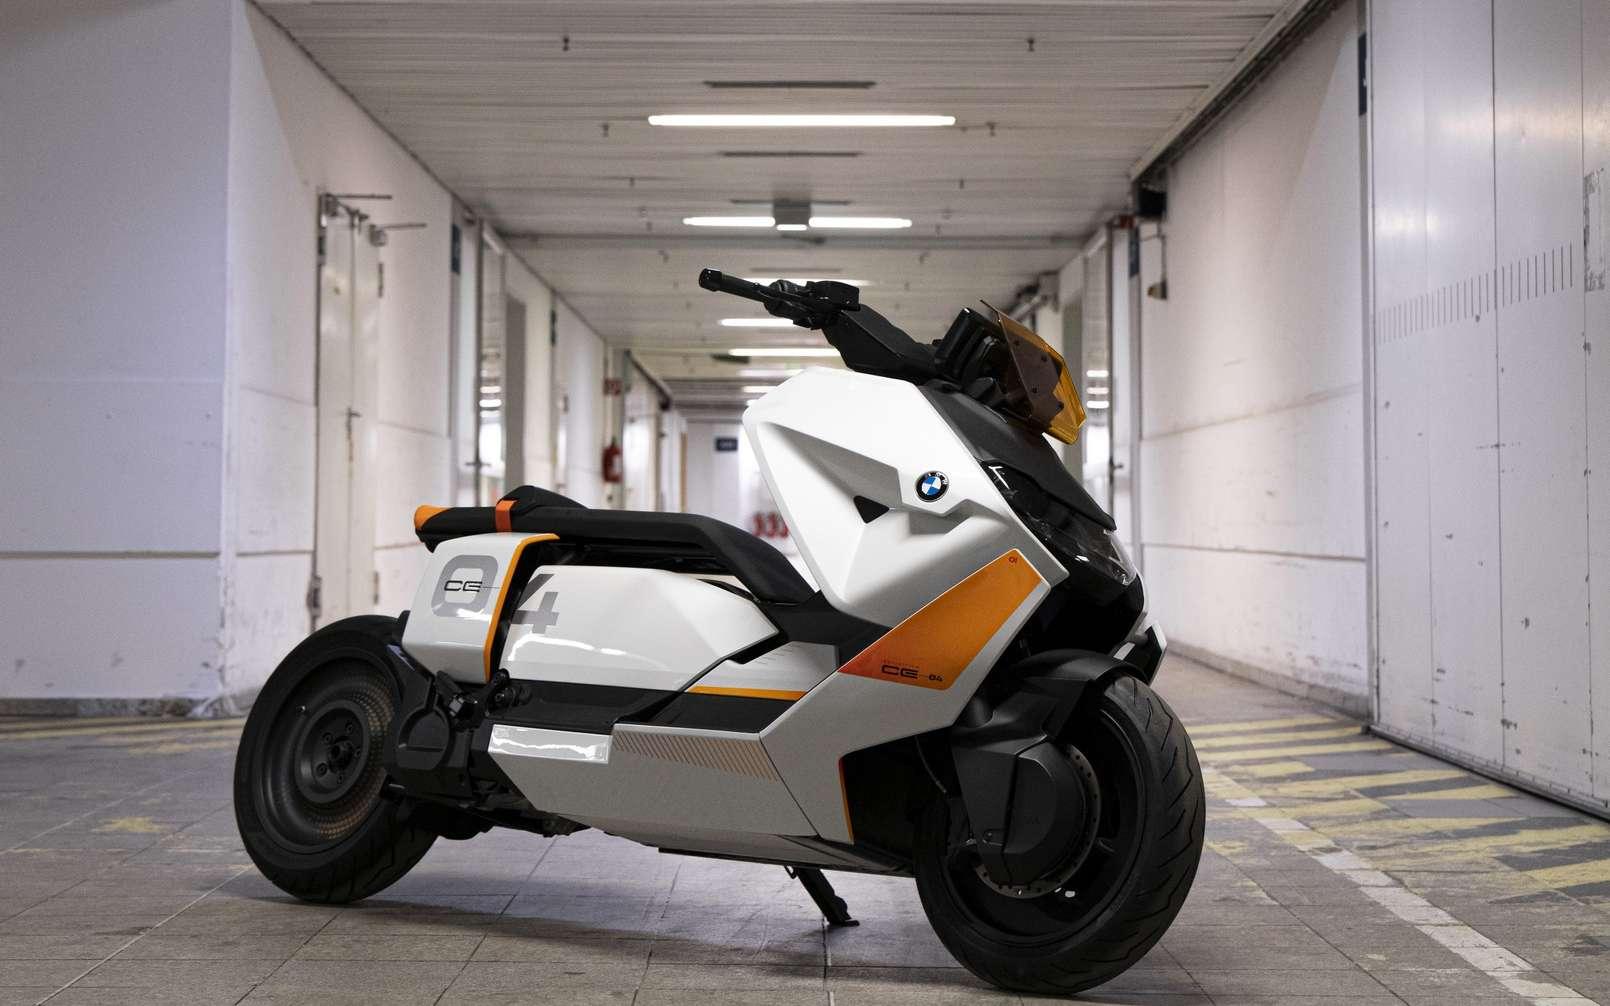 Le scooter électrique BMW Definition CE 04. © BMW